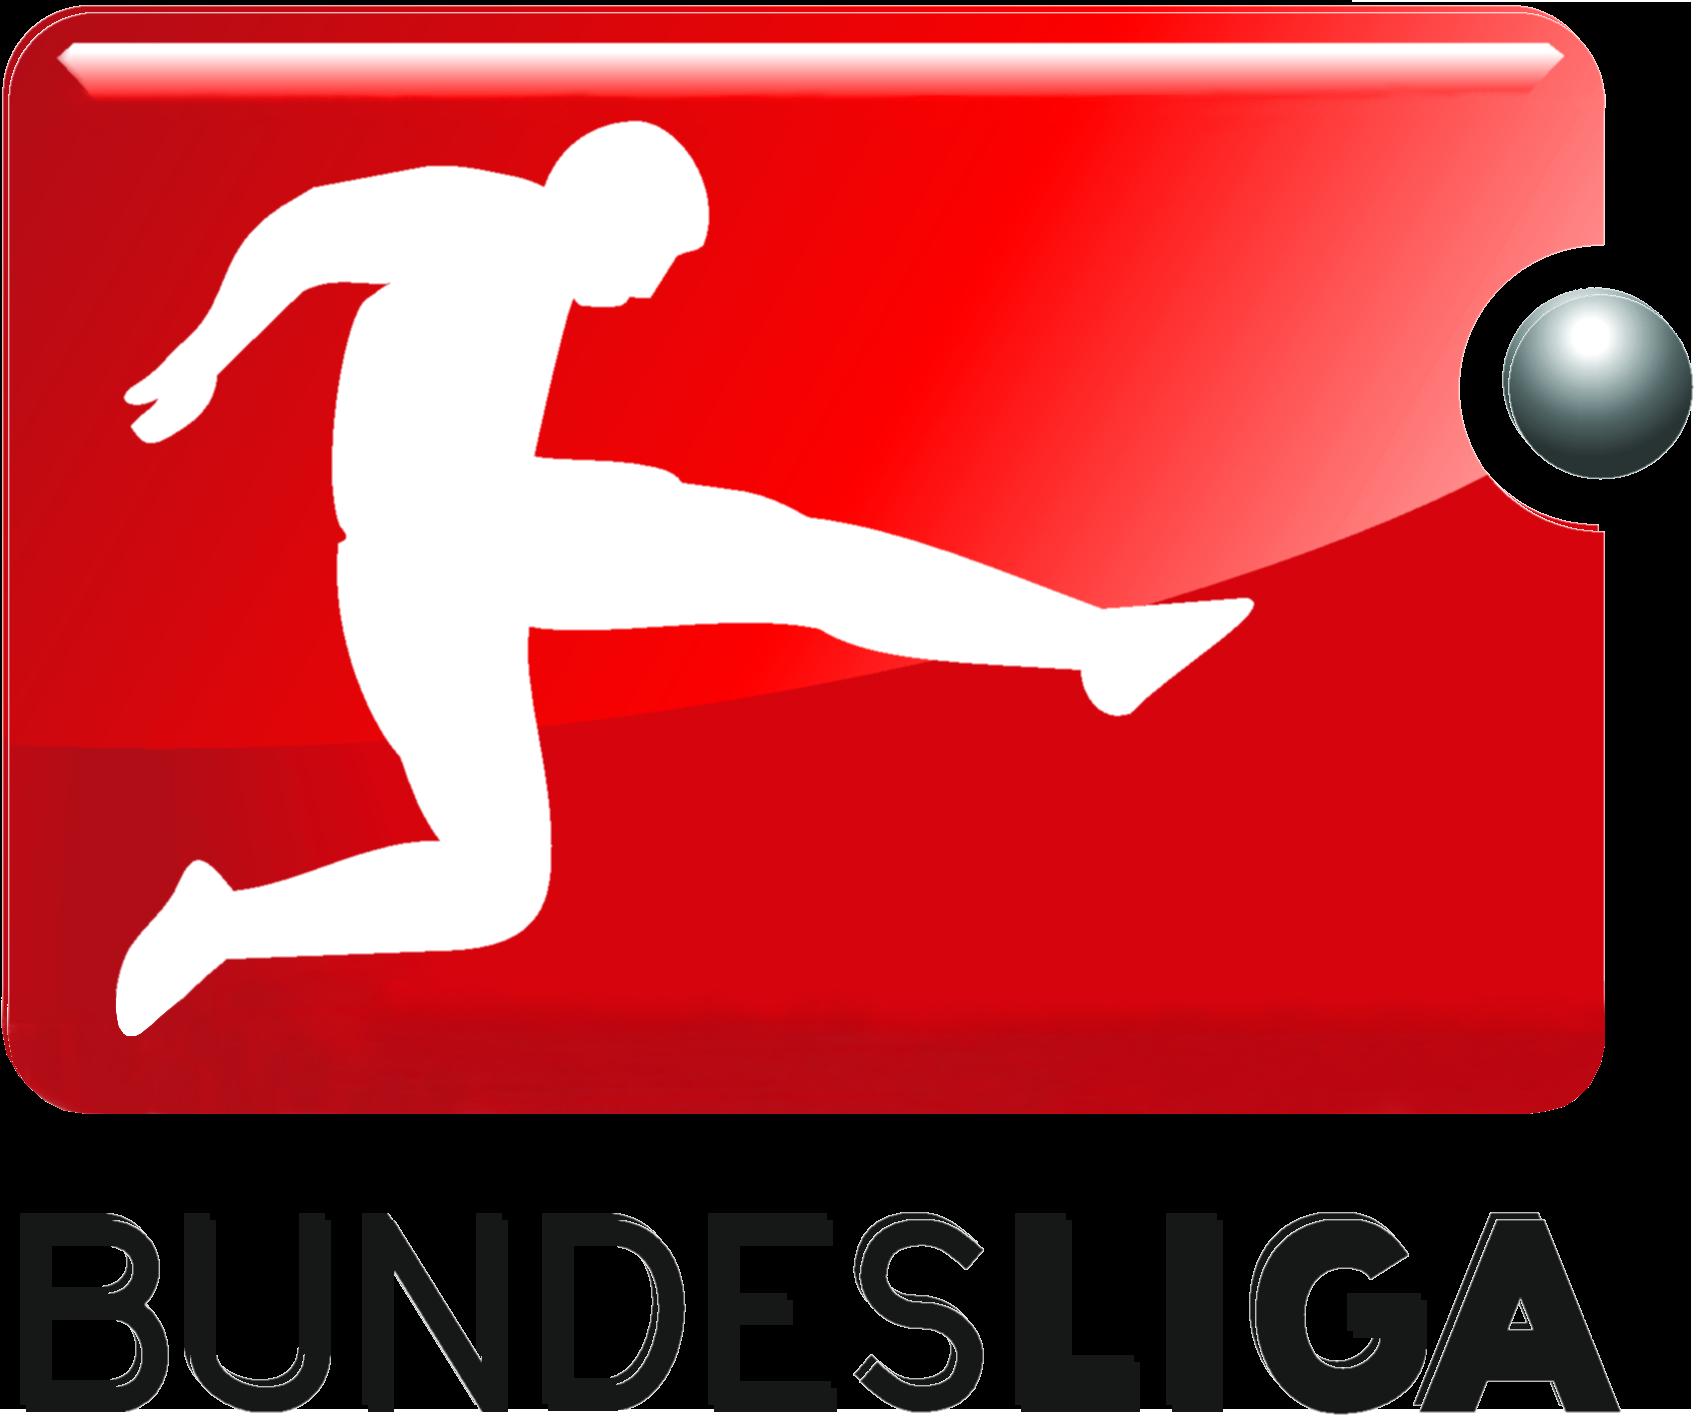 Njemačka-Bundesliga-logo